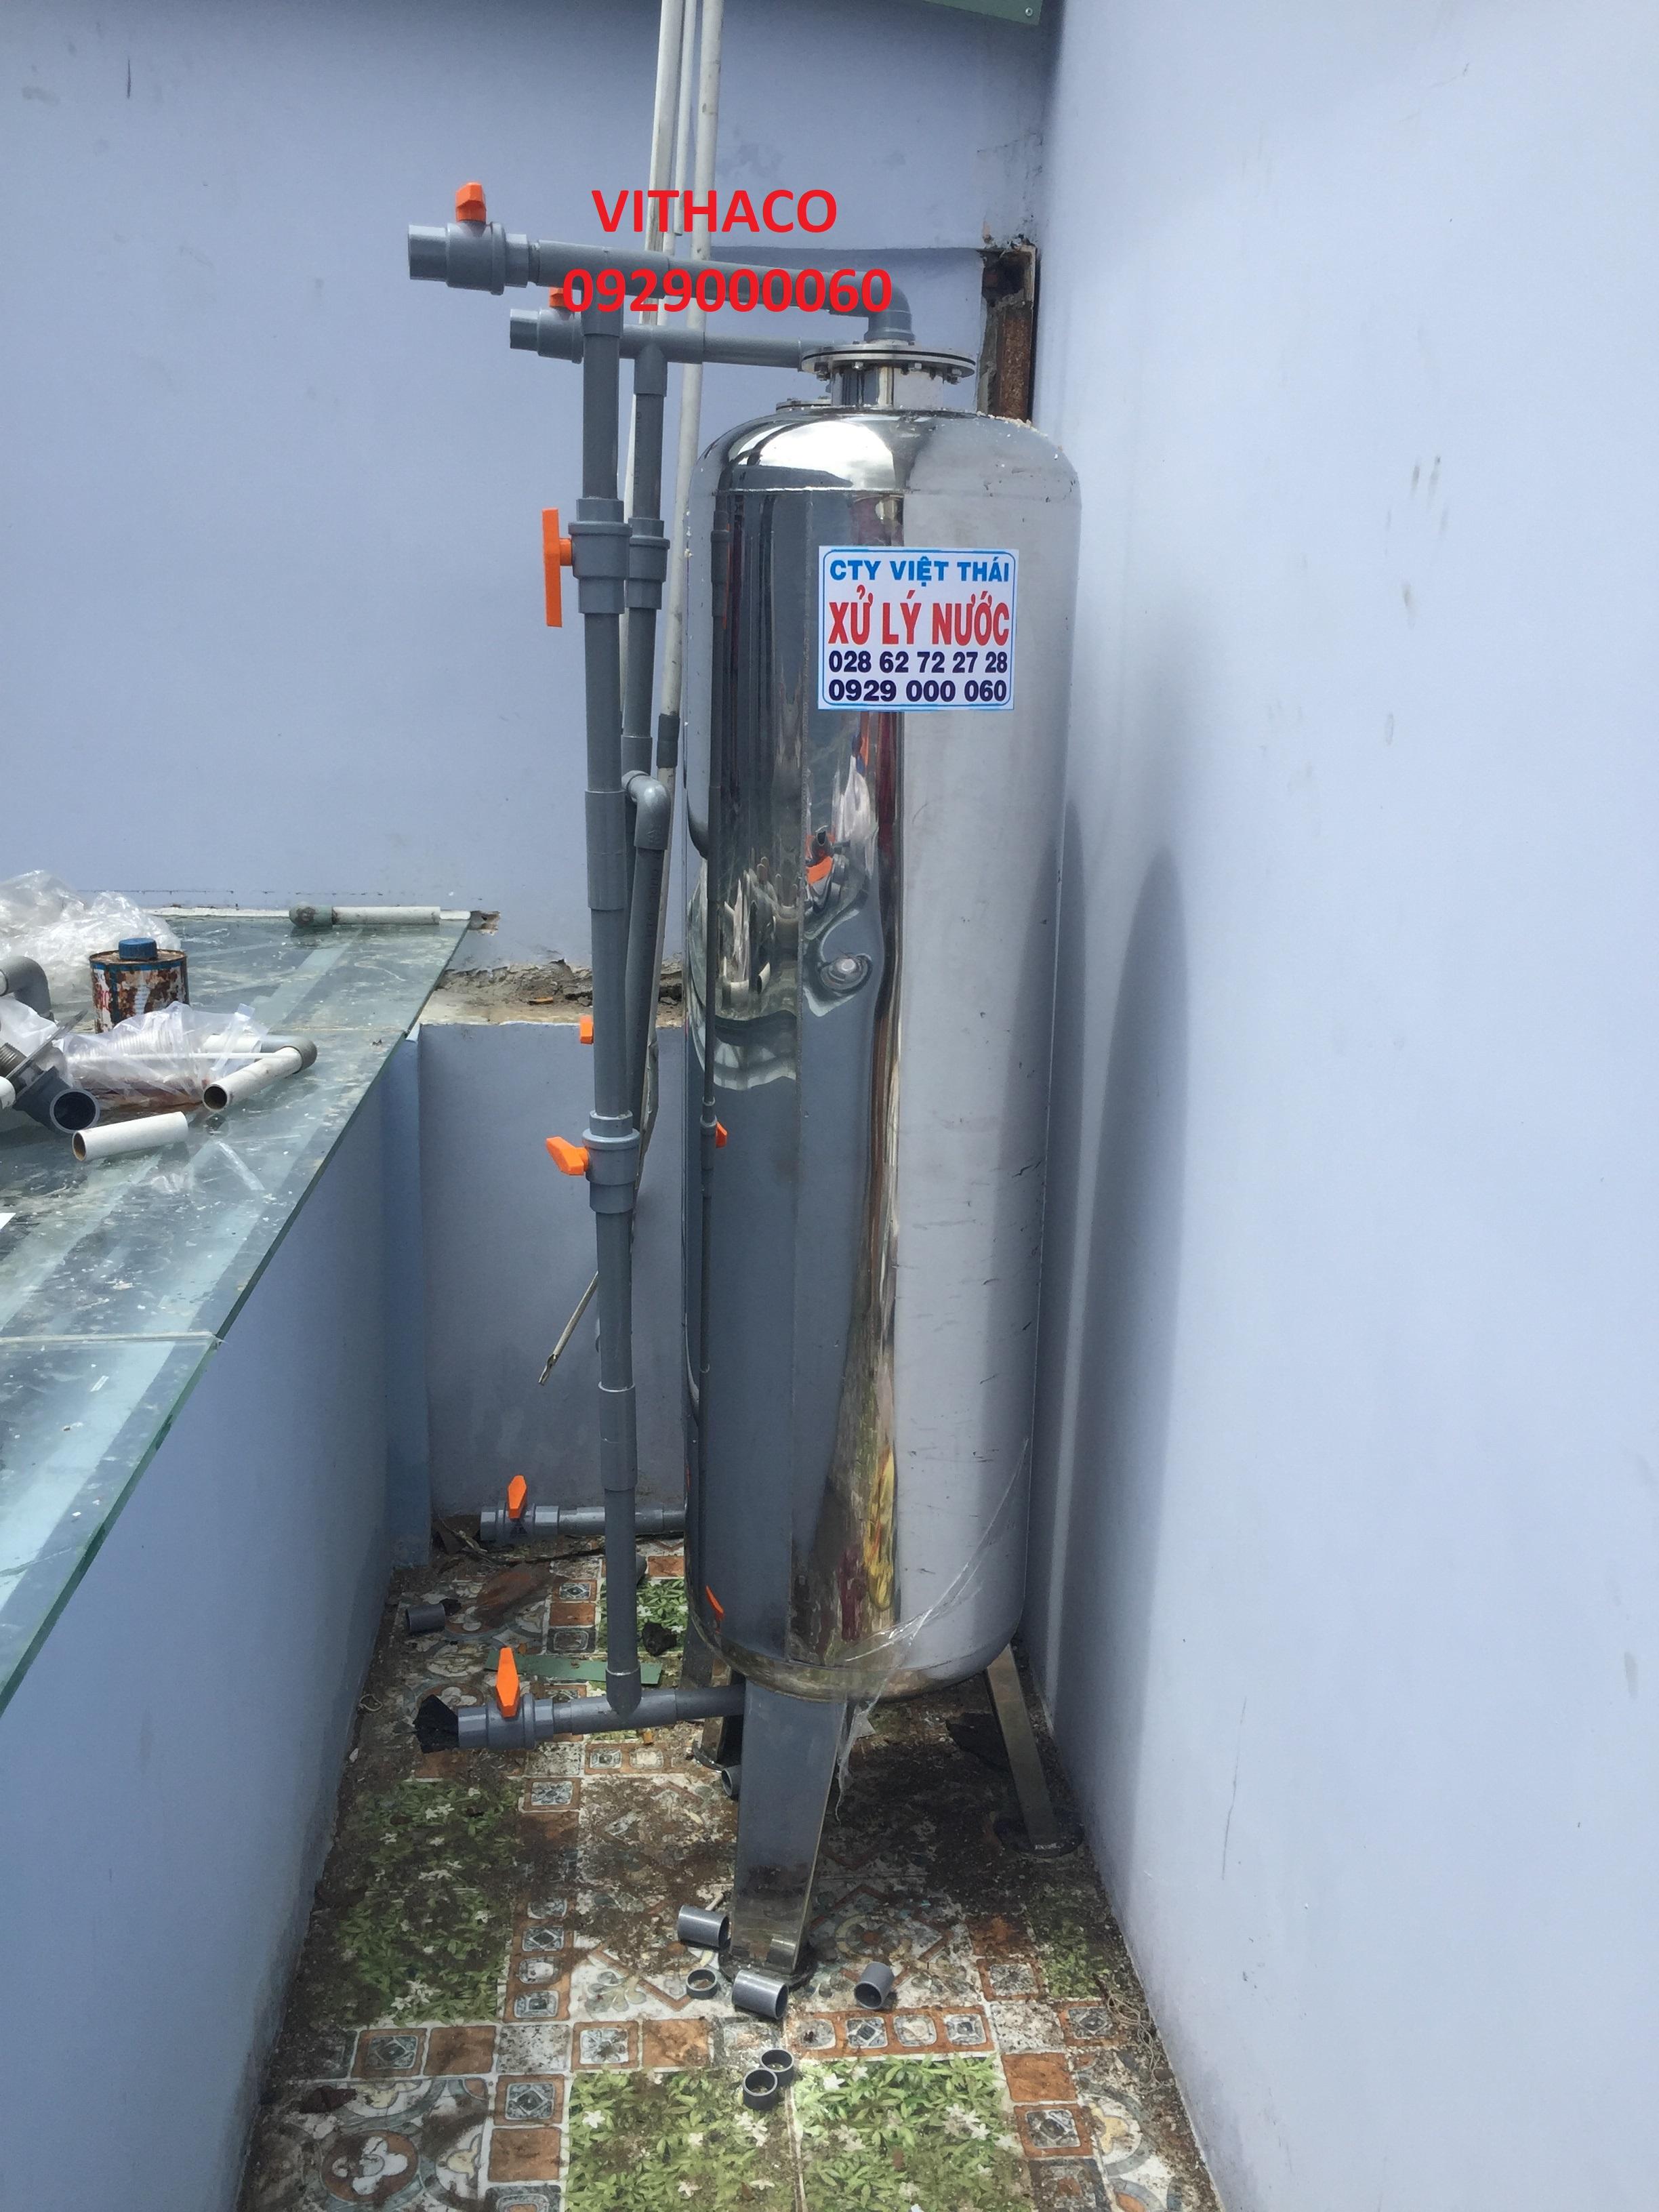 Lọc nước phèn ở đỗ xuân hợp quận 9